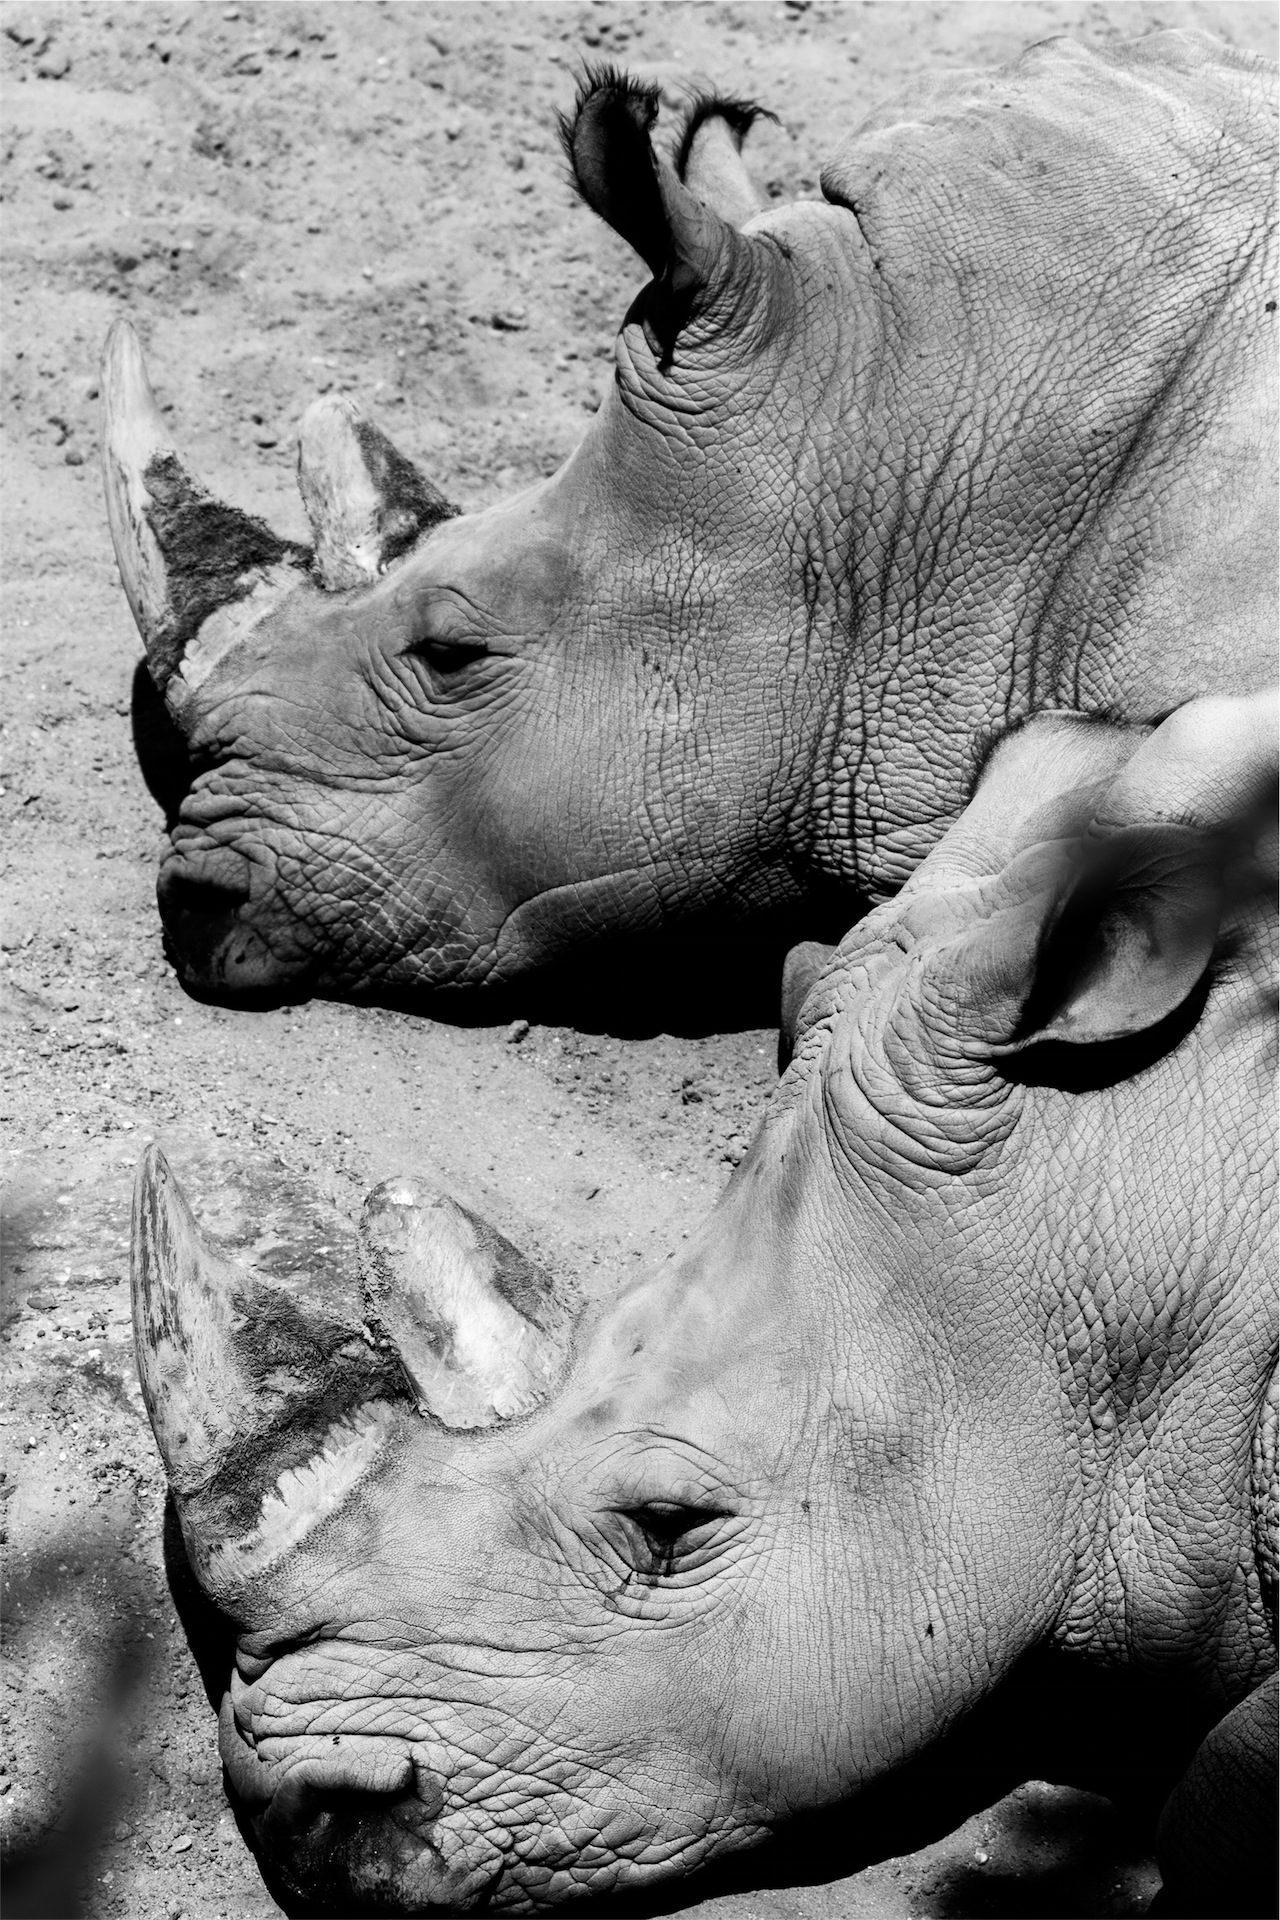 rhinocéros, couple, cors, Têtes de, en noir et blanc - Fonds d'écran HD - Professor-falken.com